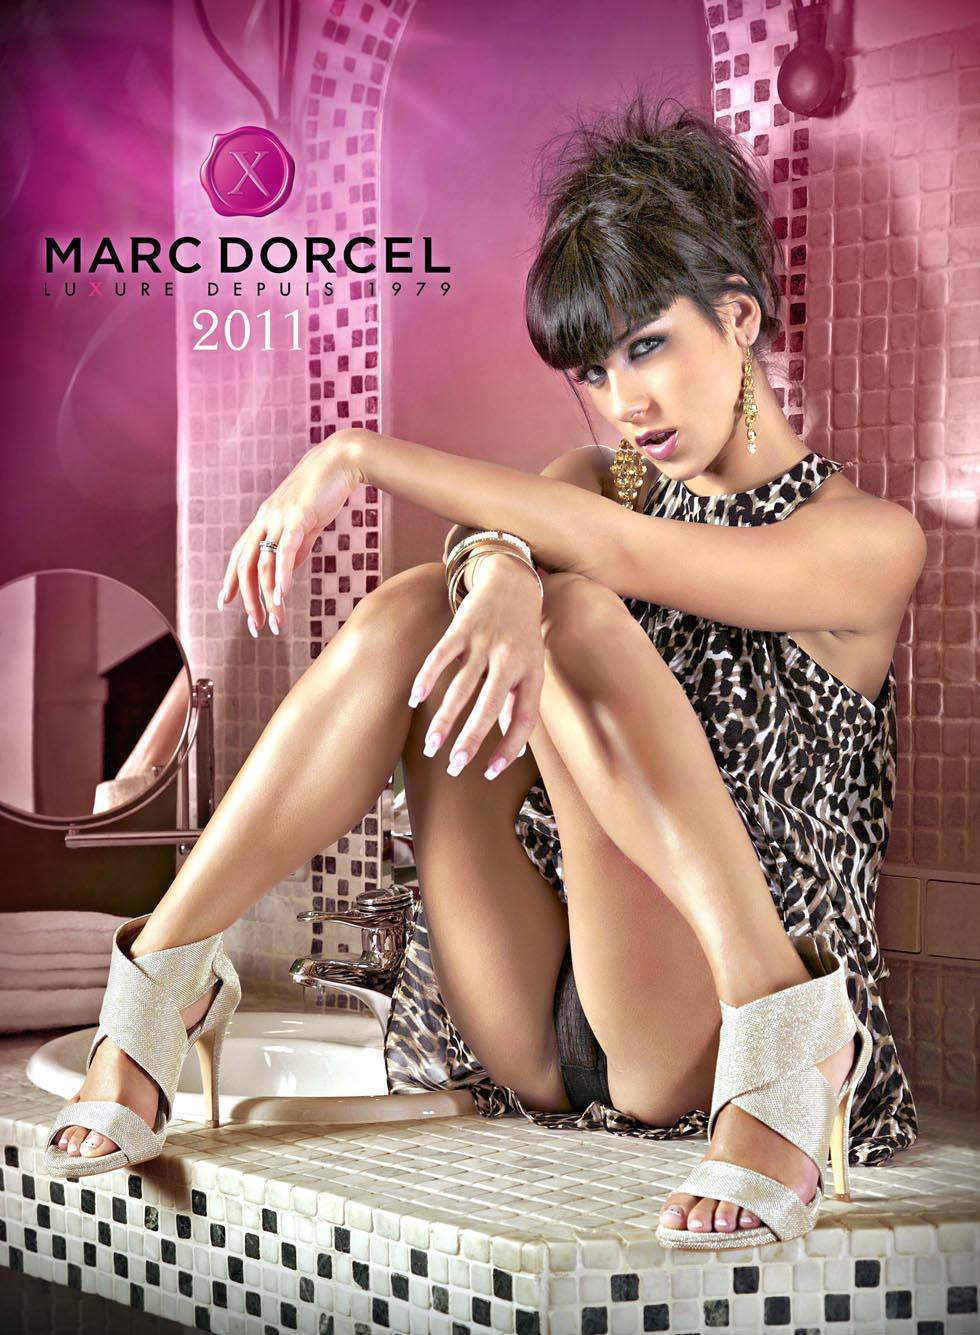 Эротика marc dorcel онлайн смотреть бесплатно 7 фотография